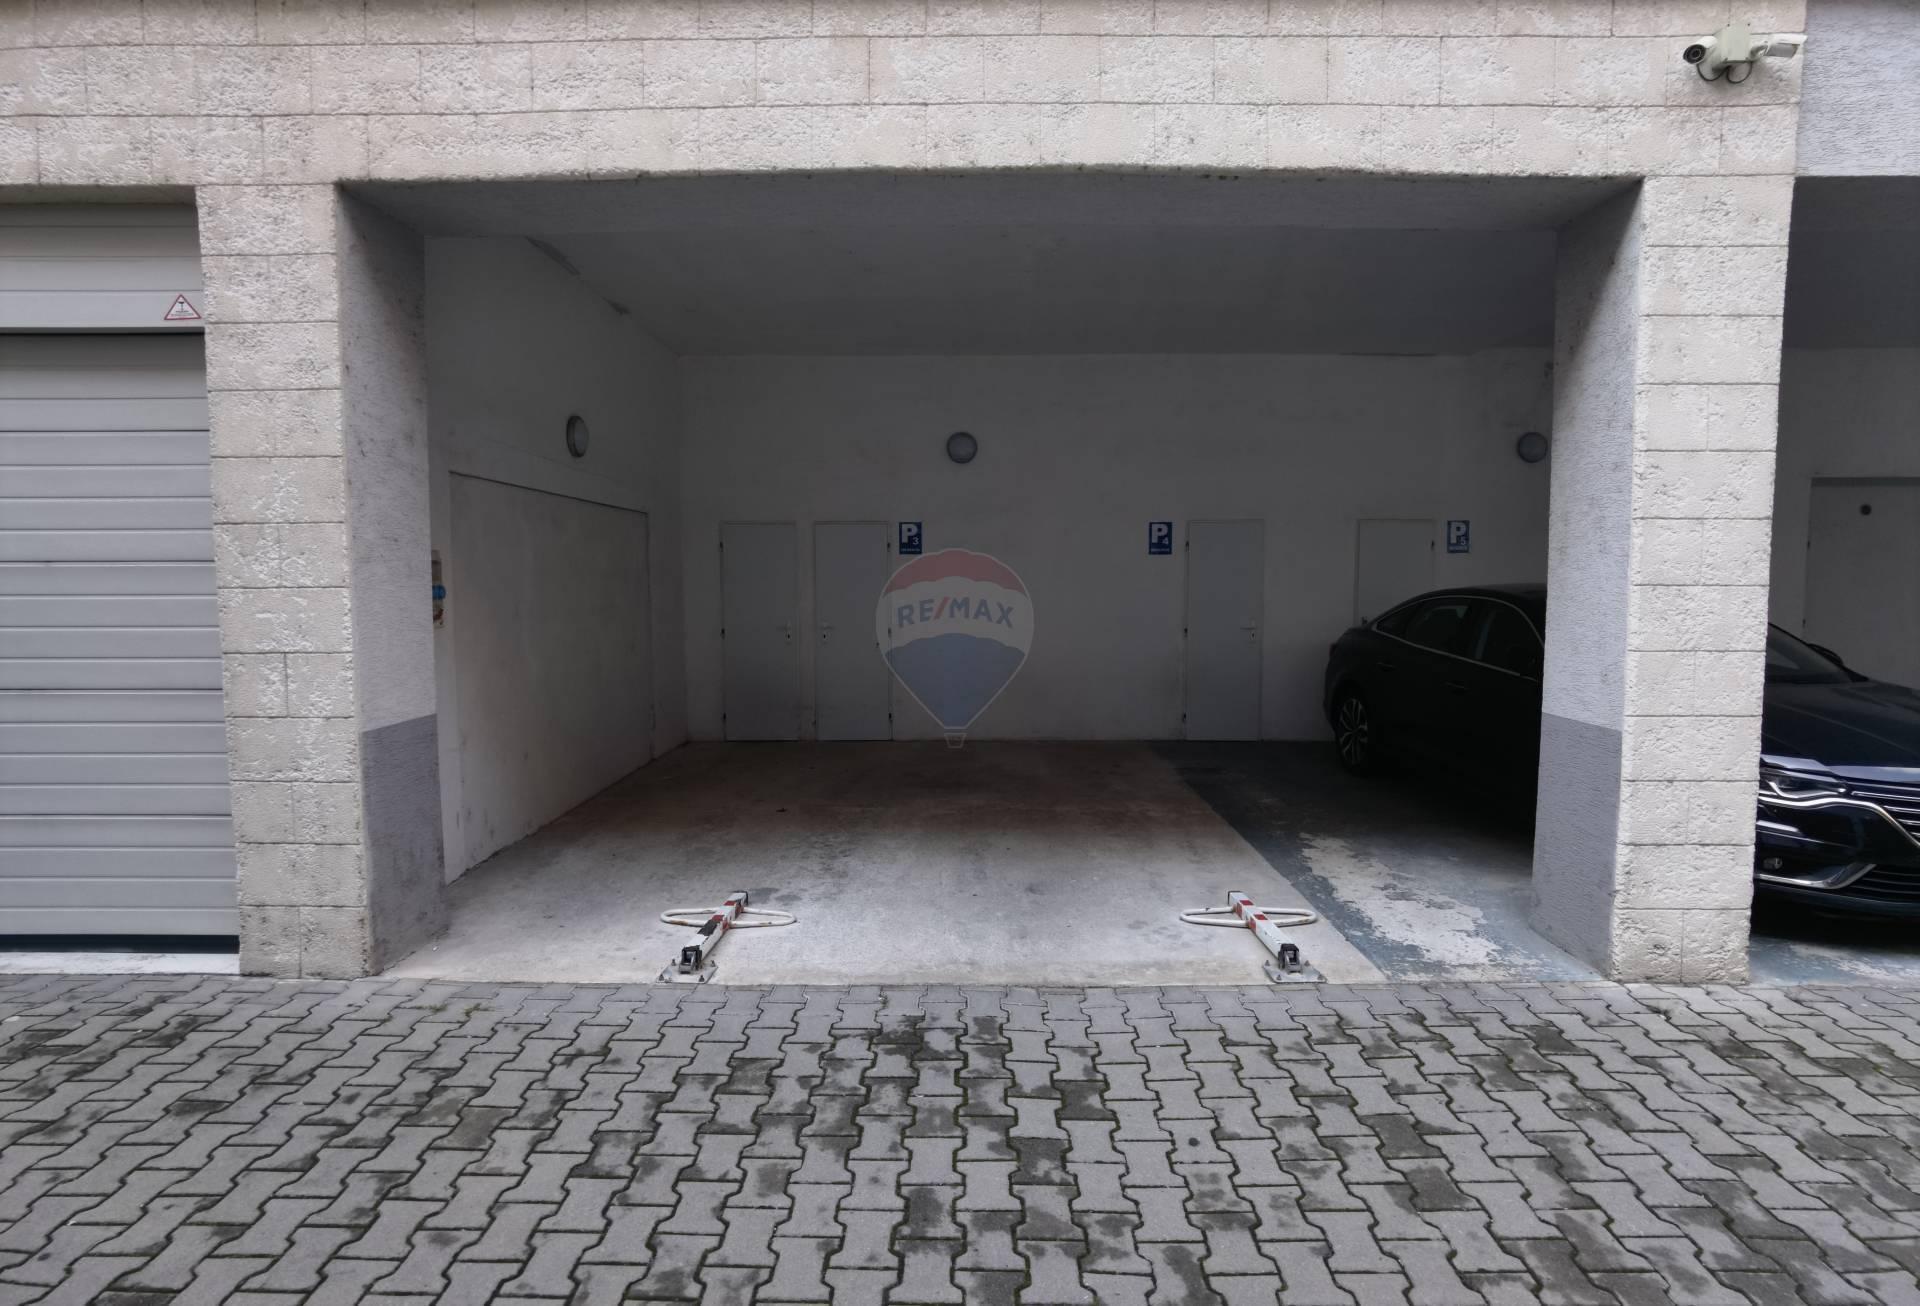 =RE/MAX= Na prenájom 2 garážové miesta v stráženej pasáži, centrum,